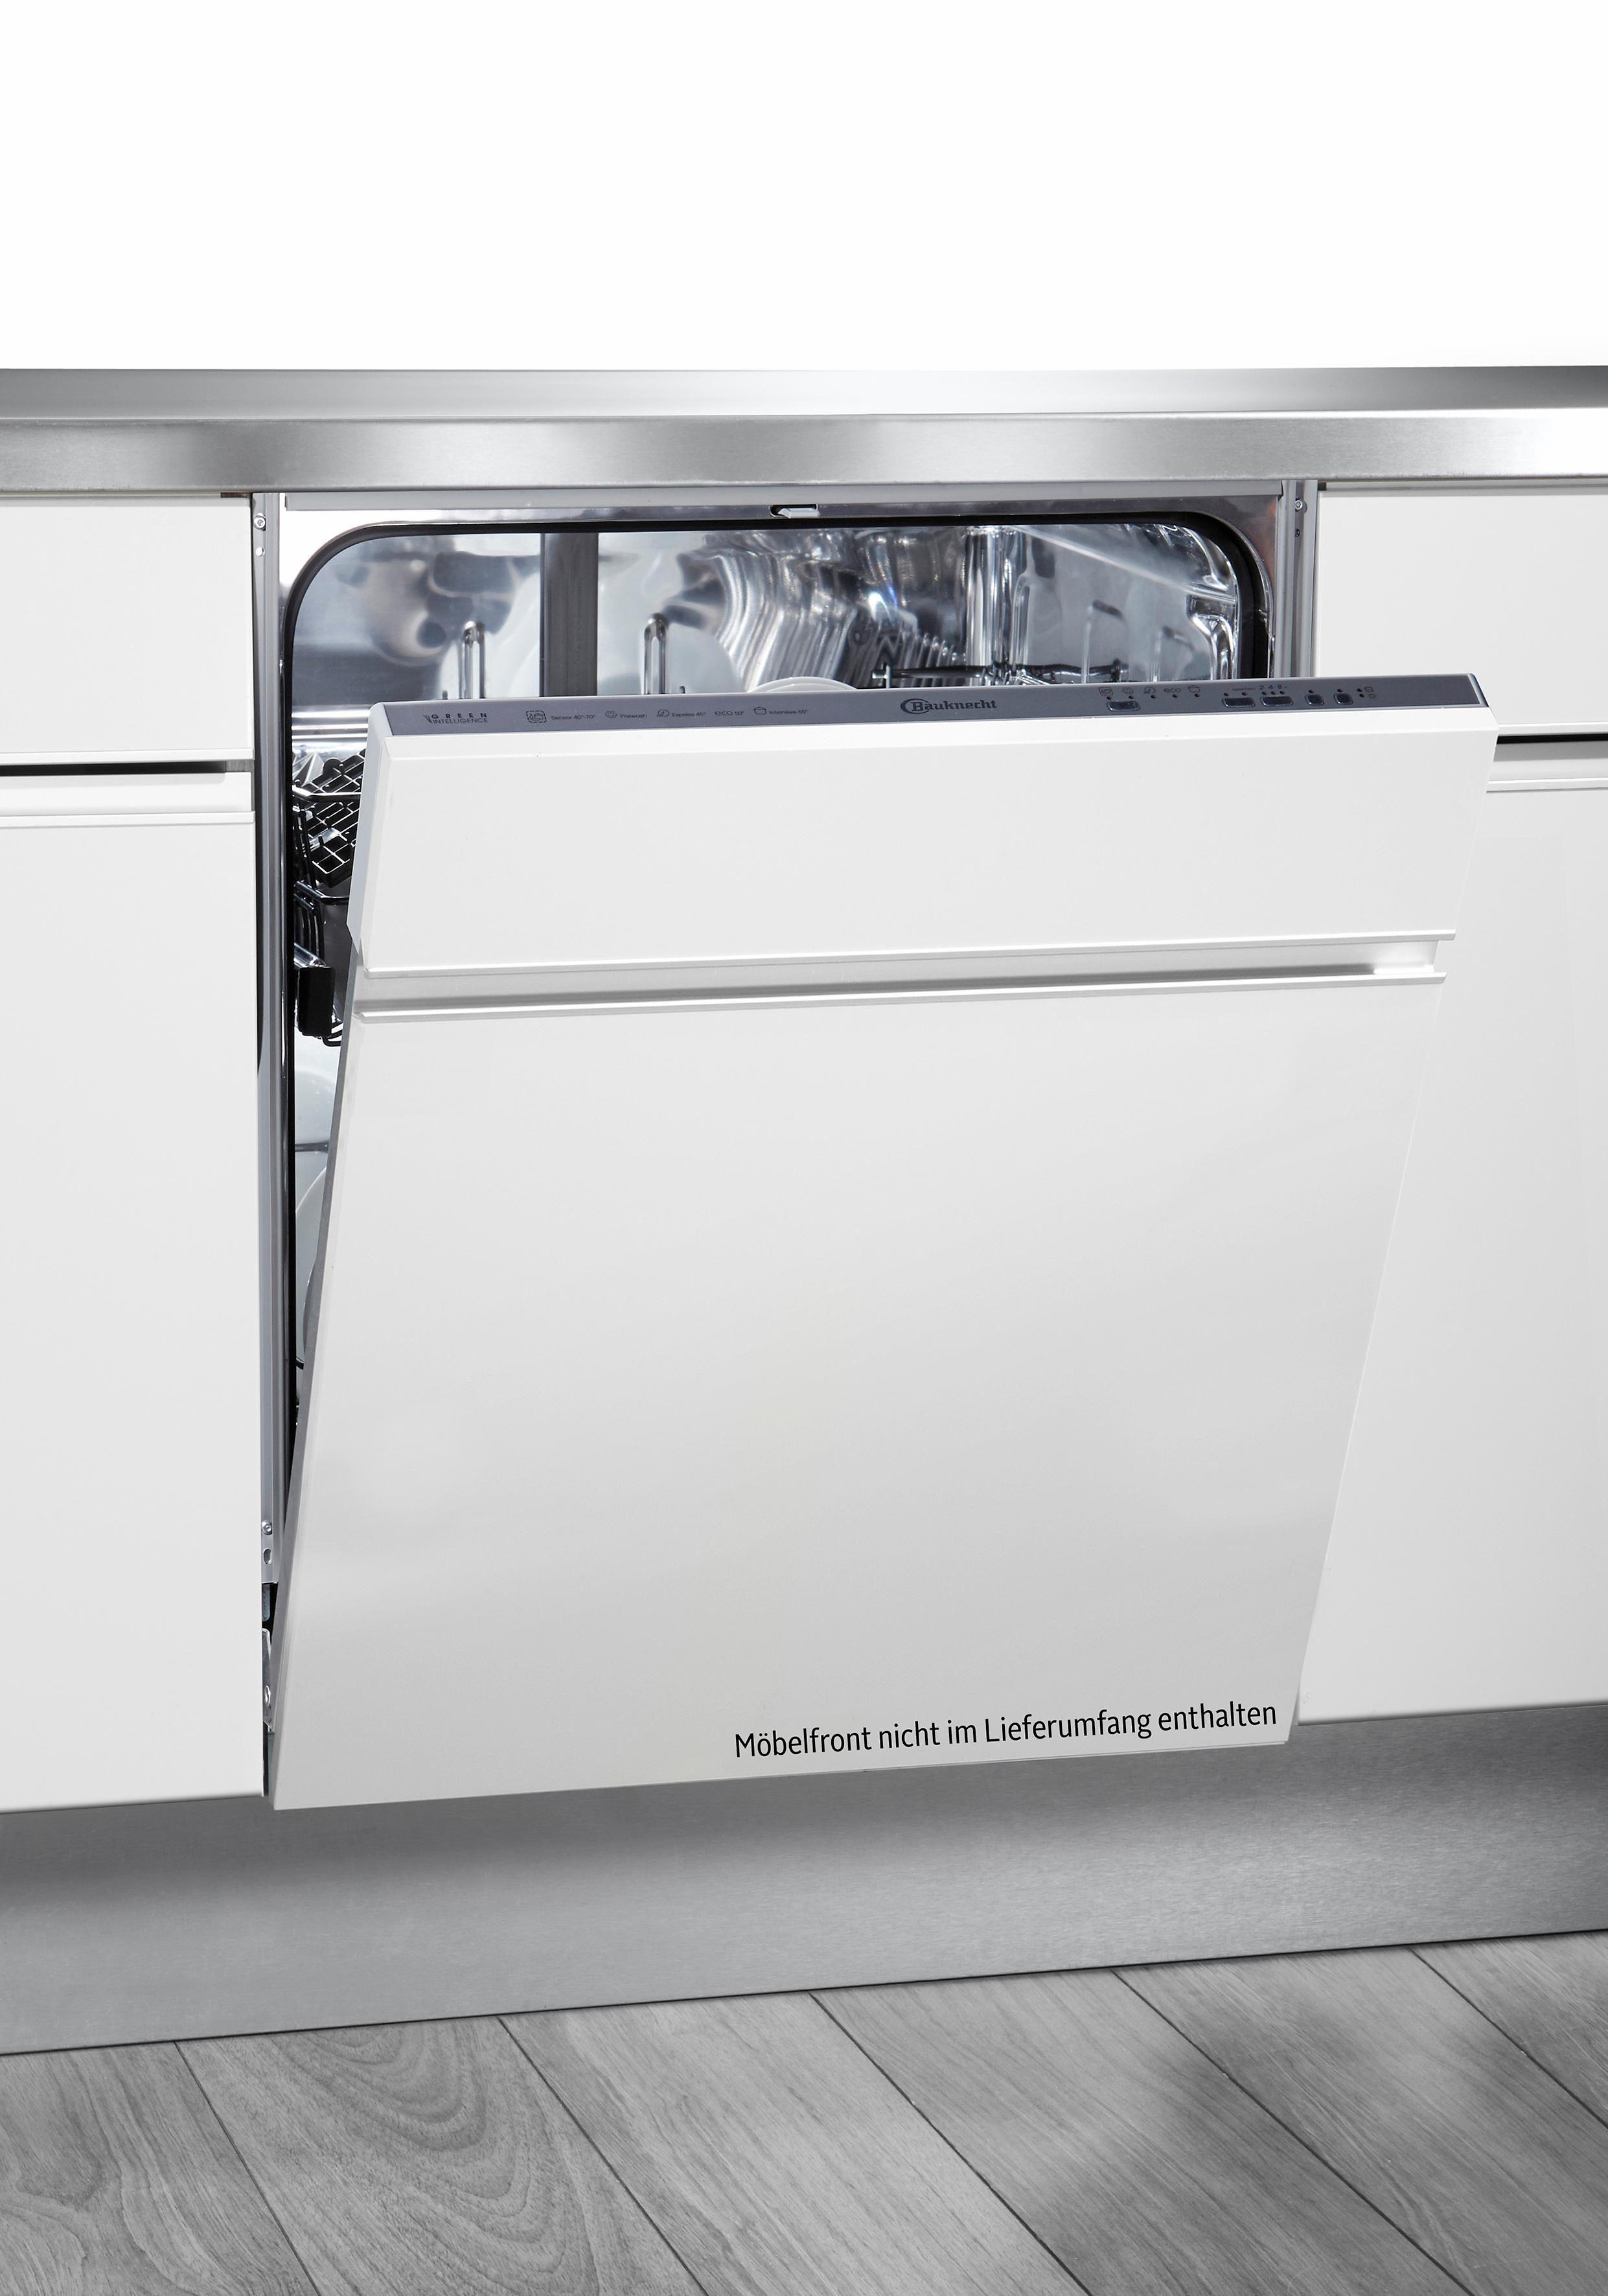 Bauknecht vollintegrierbarer Einbaugeschirrspüler GSXK 5104A2, A++, 11 Liter, 13 Maßgedecke